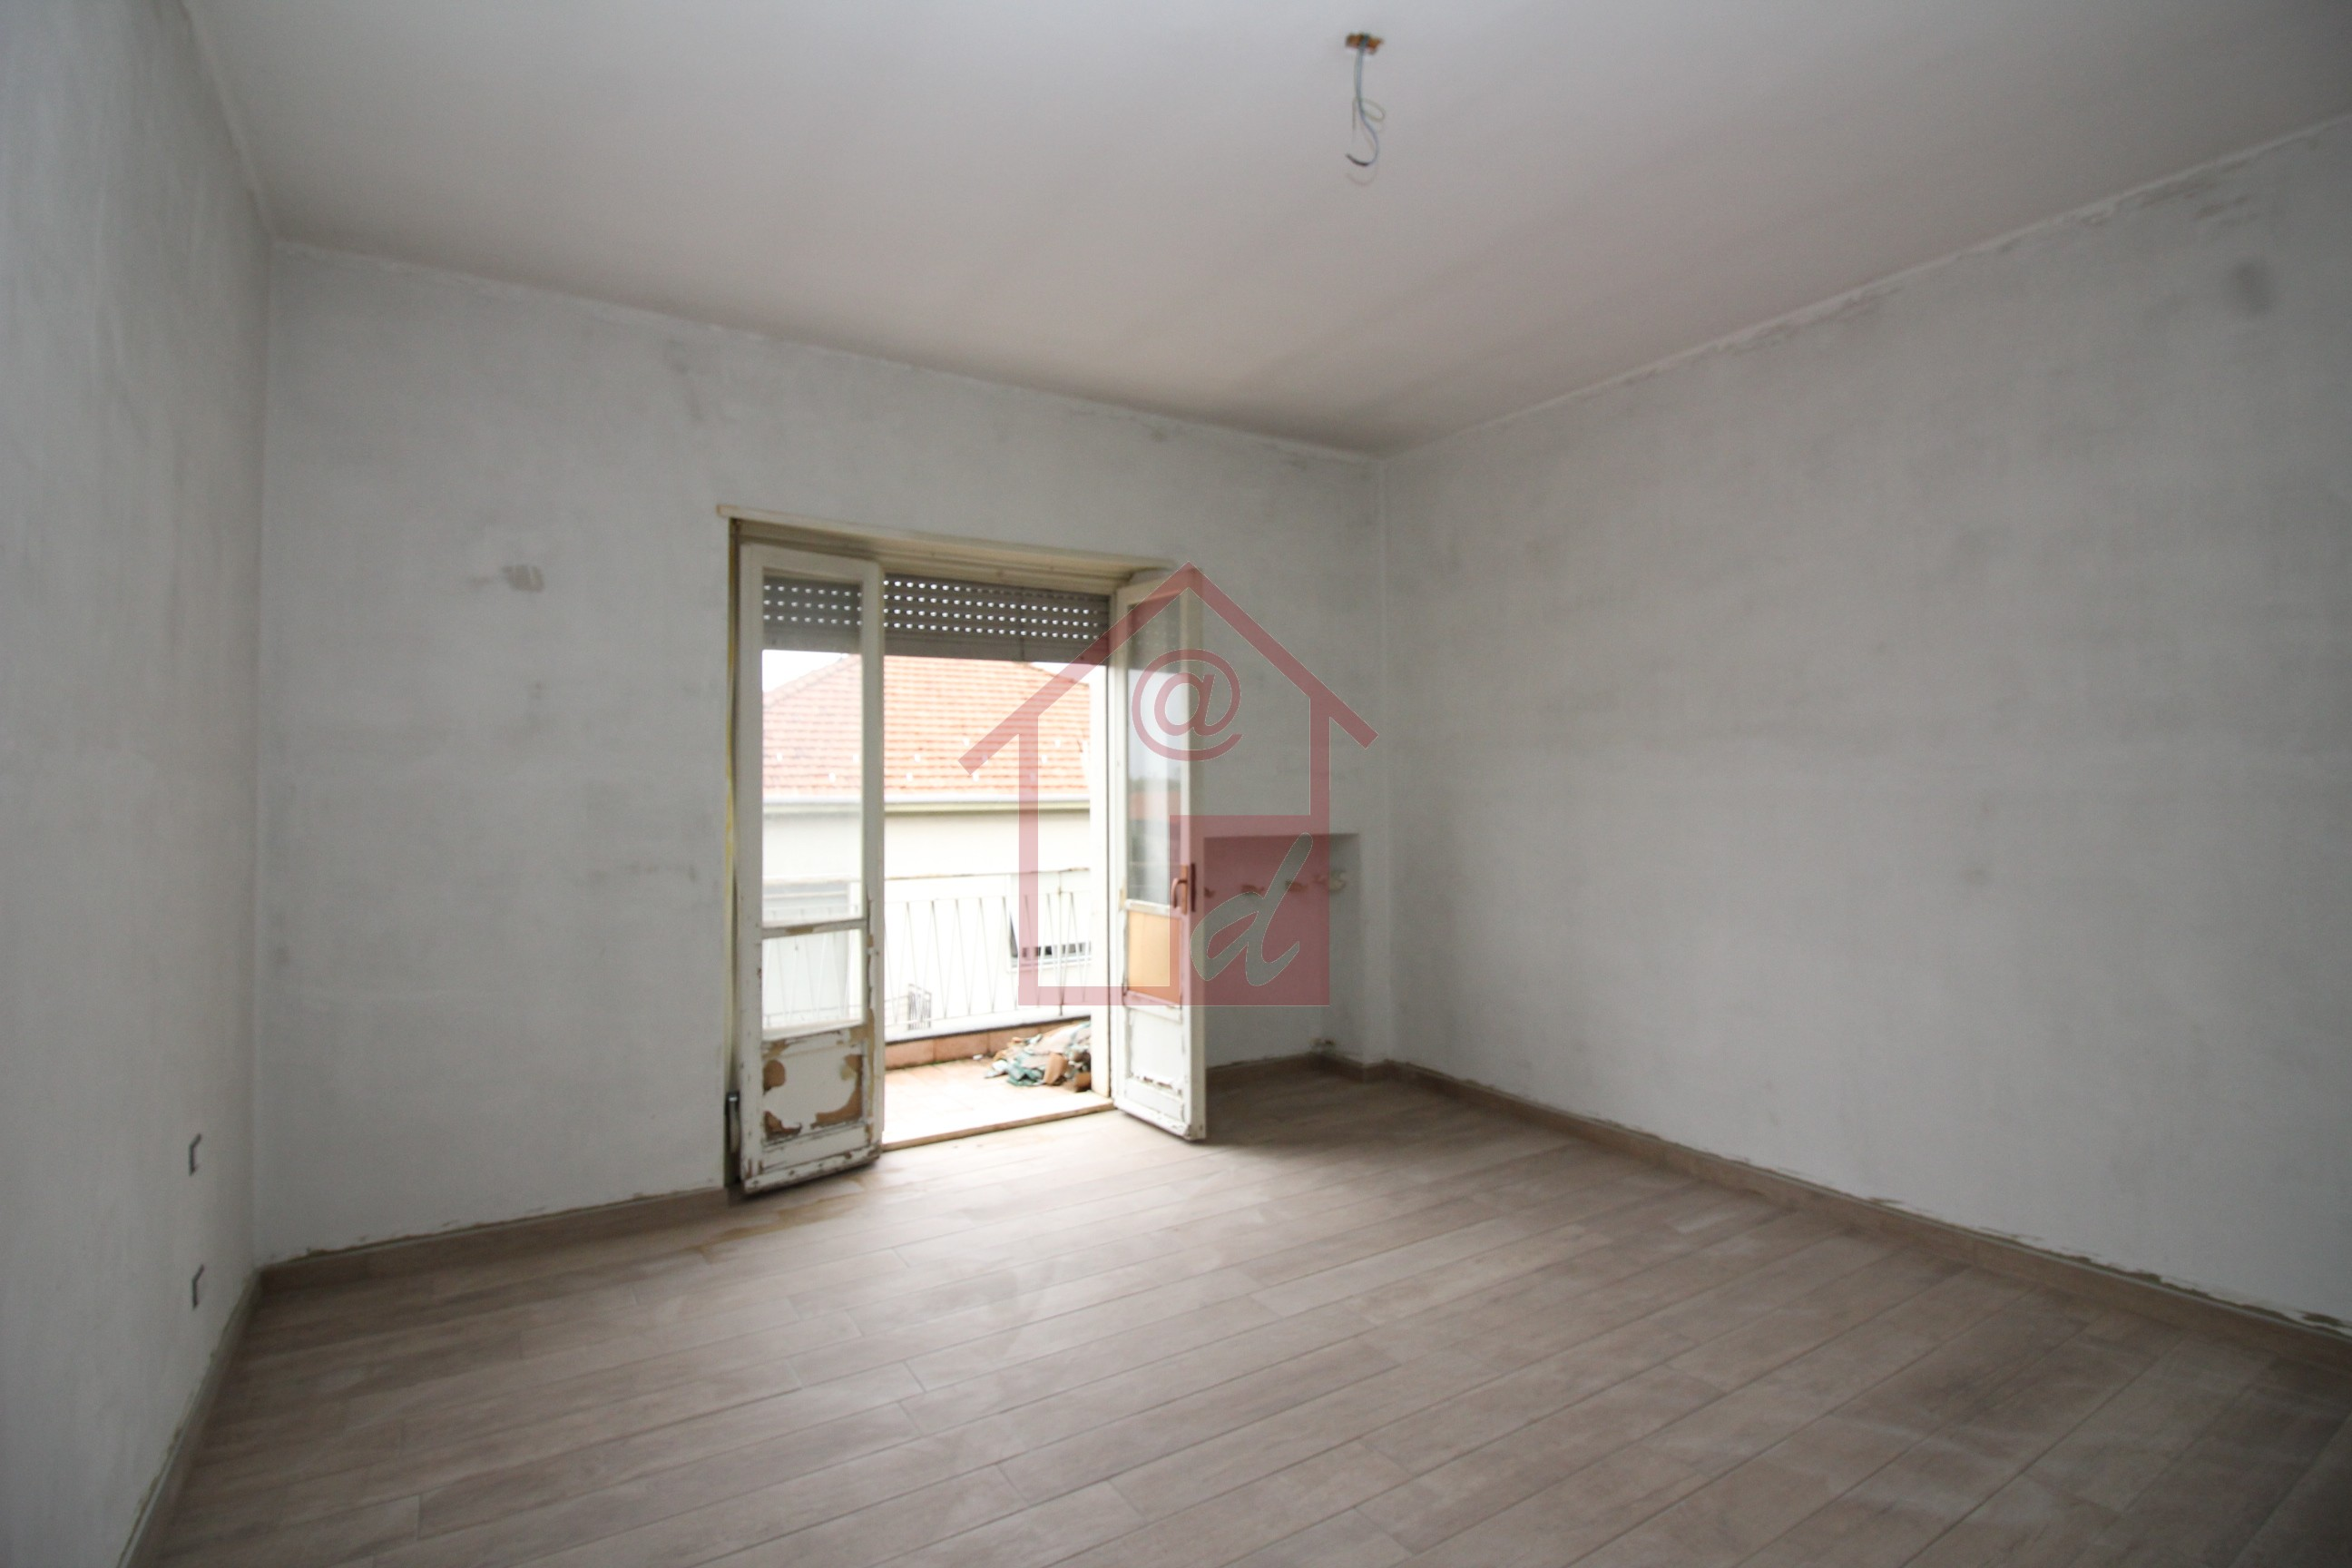 Appartamento in vendita Vercelli